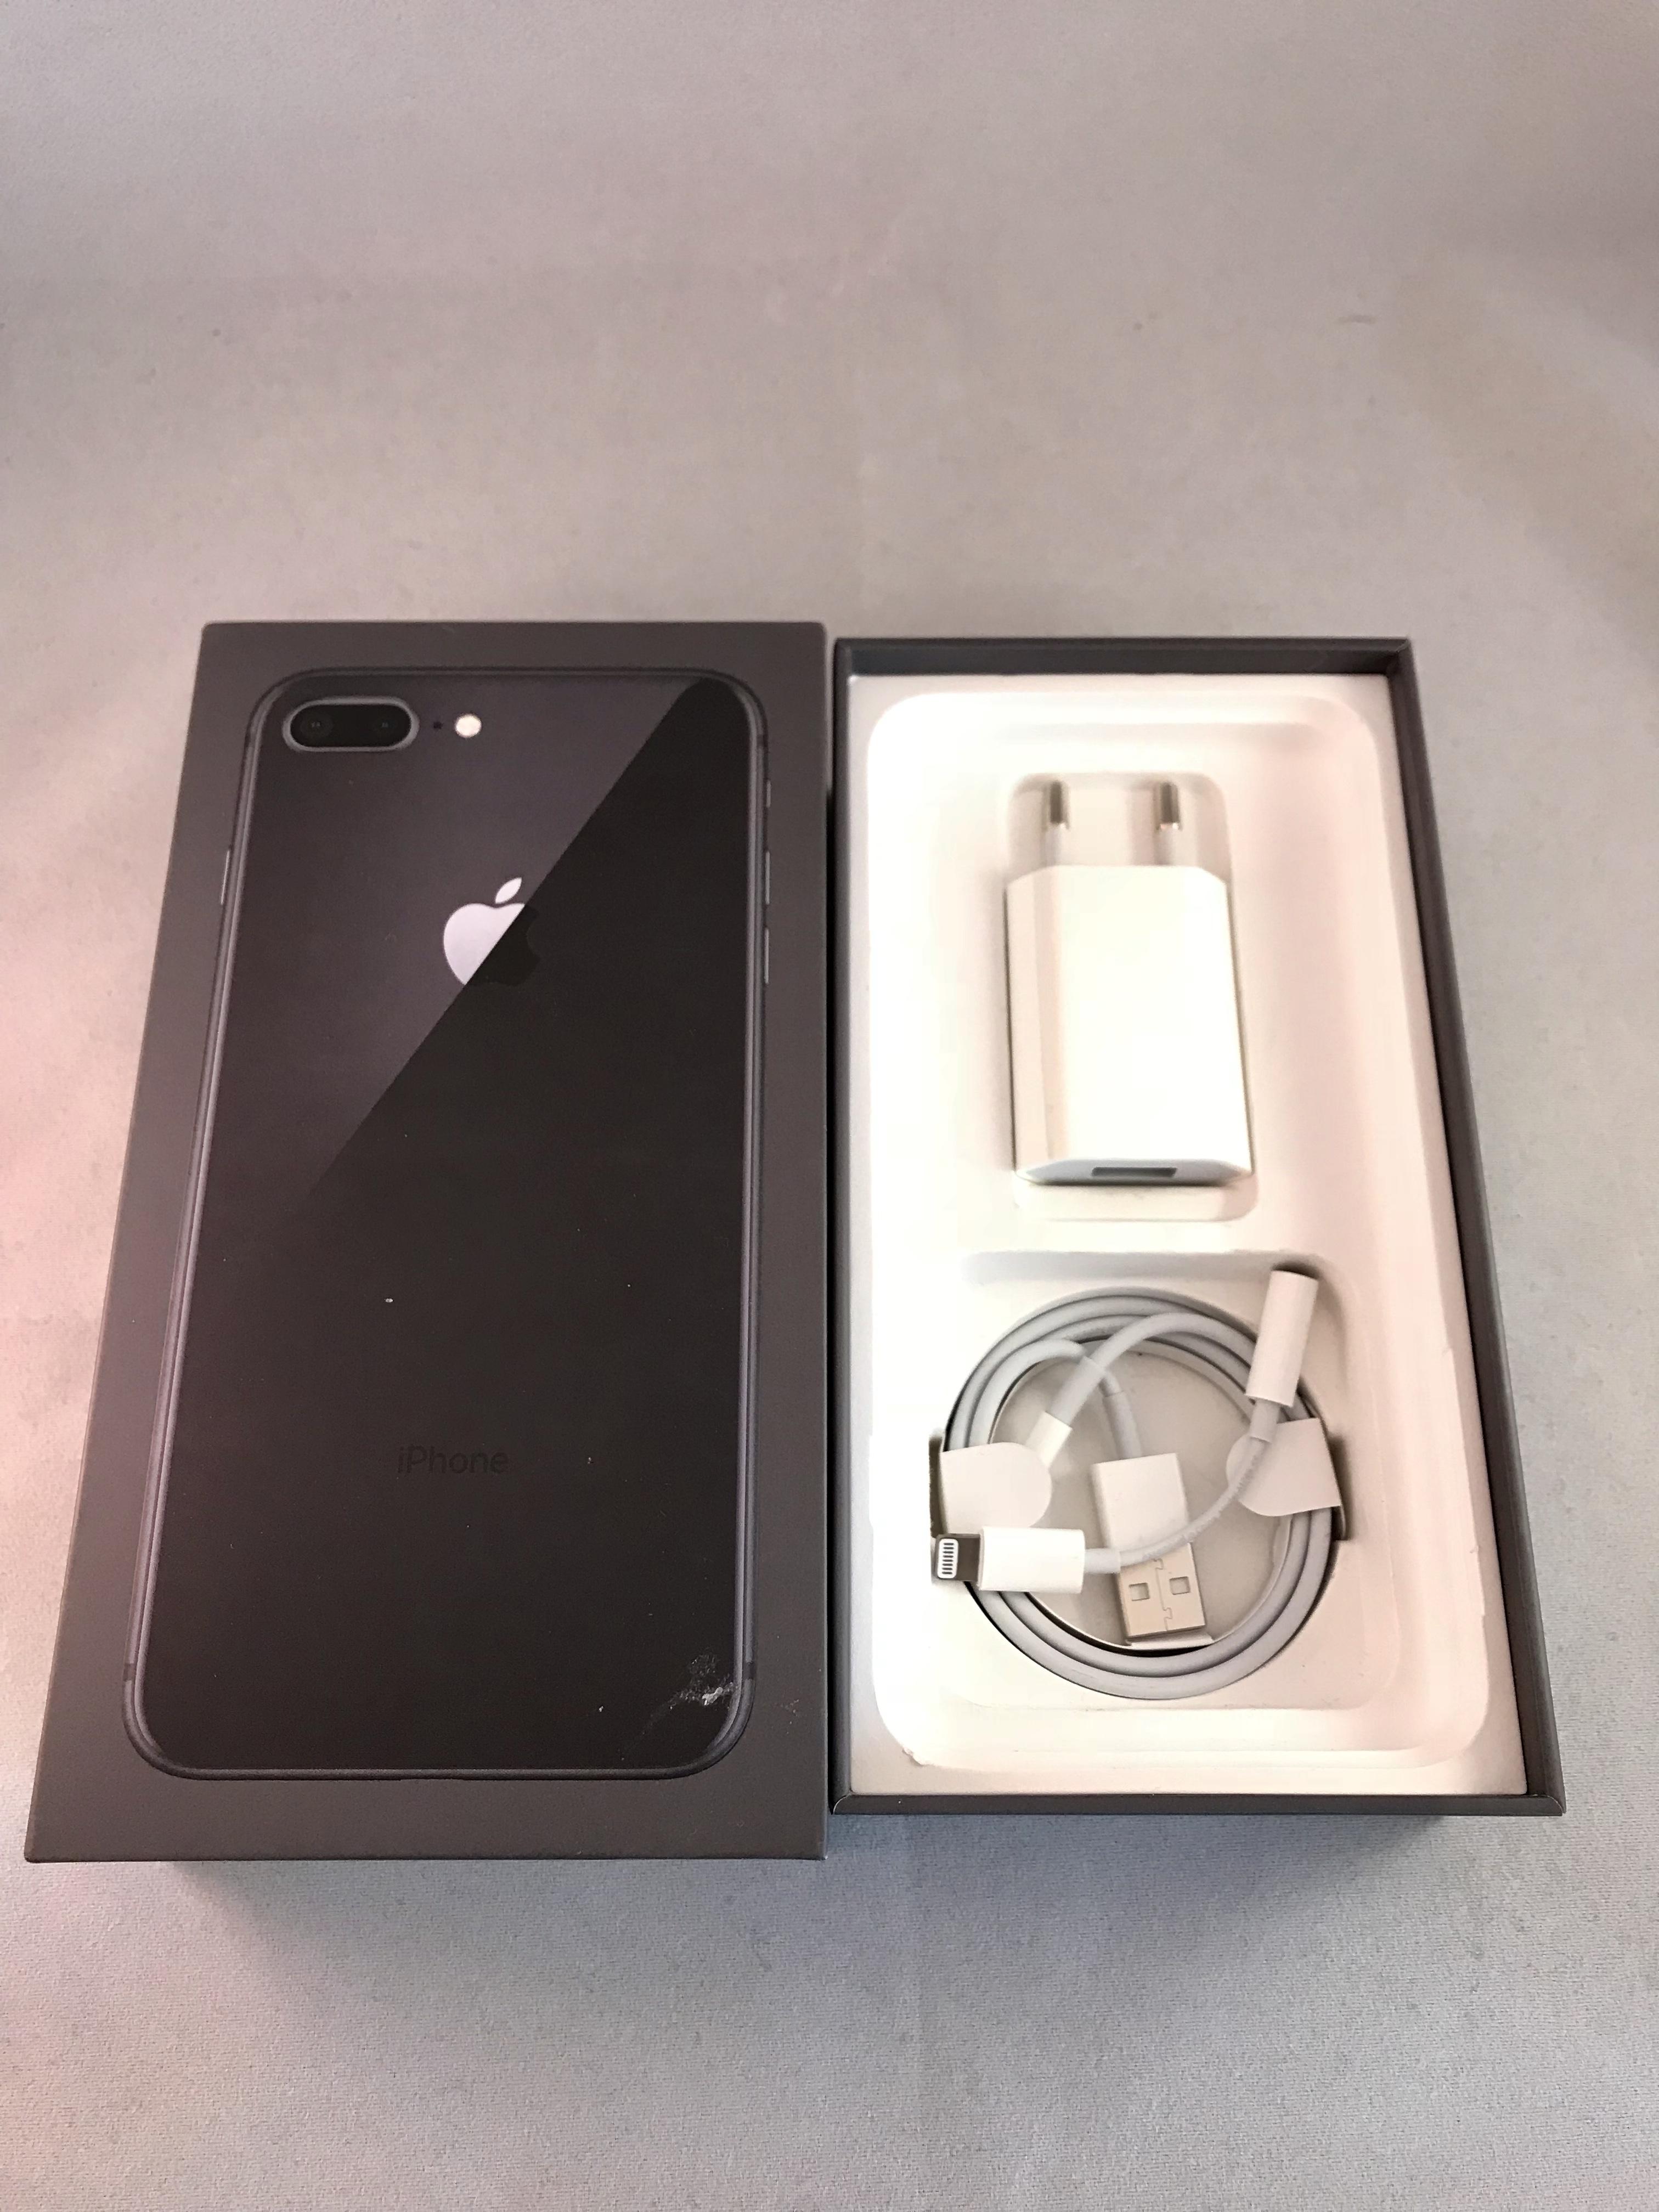 iPhone 8 Plus 64GB, 64GB, Space gray, bild 3